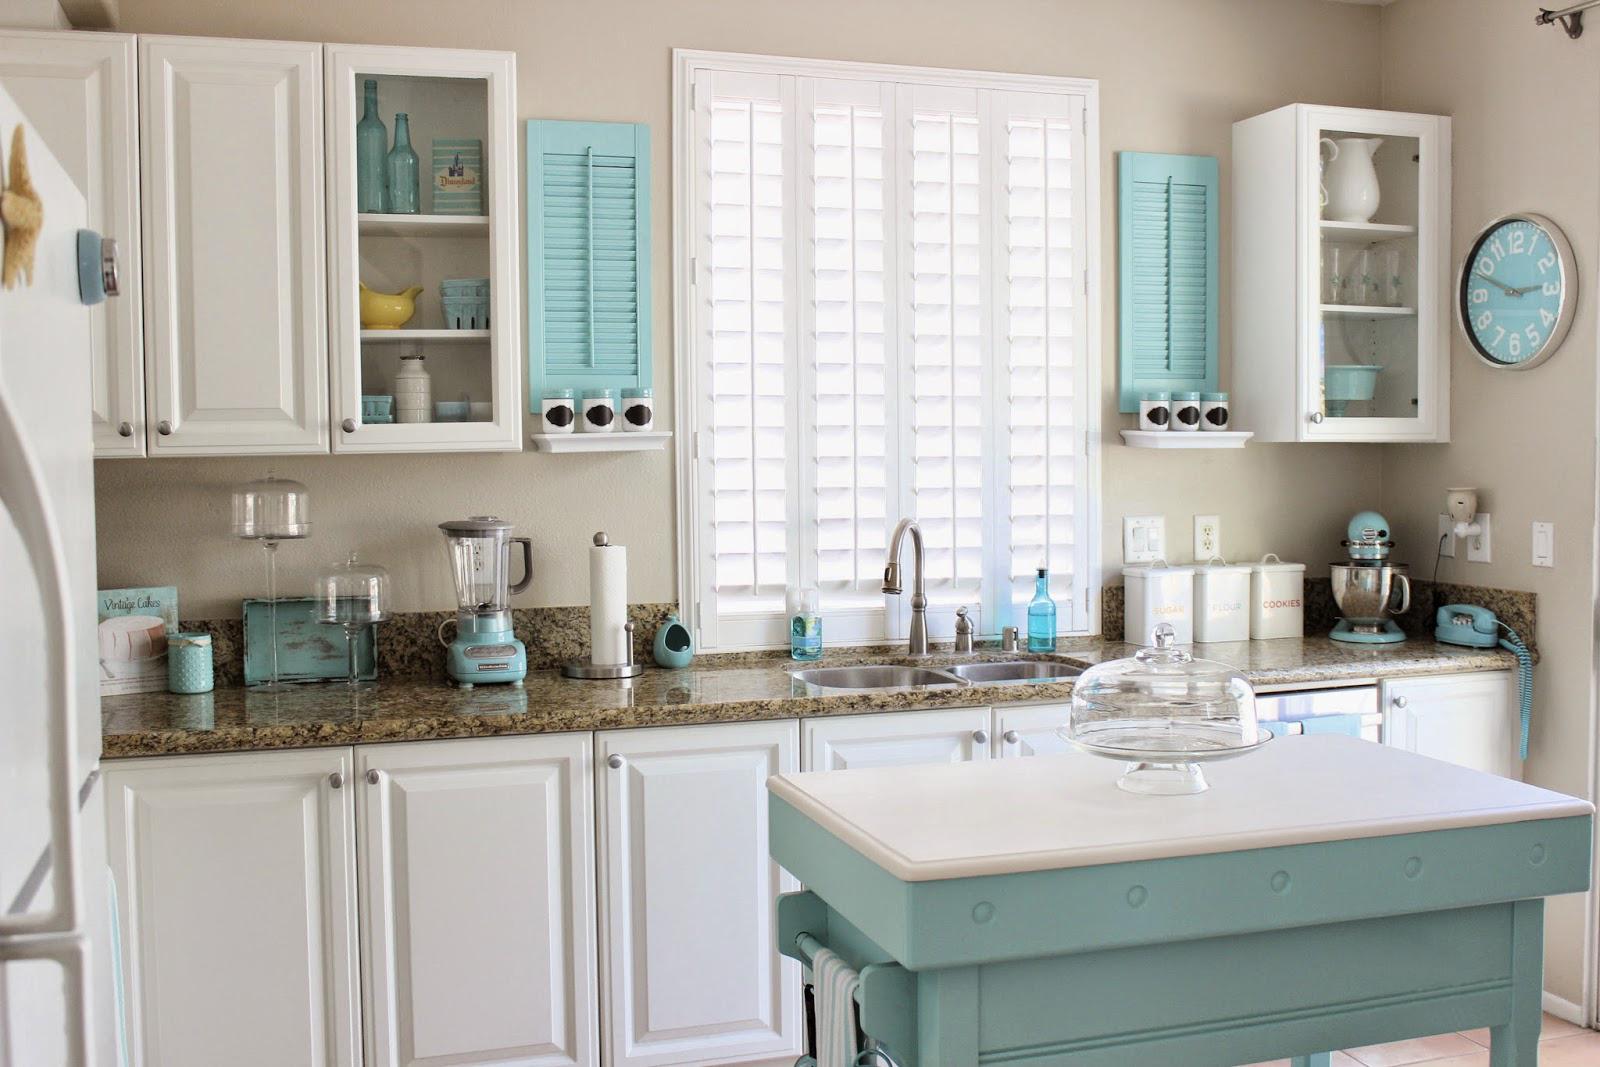 色彩斑斓,新美式风格设计,橱柜厨房